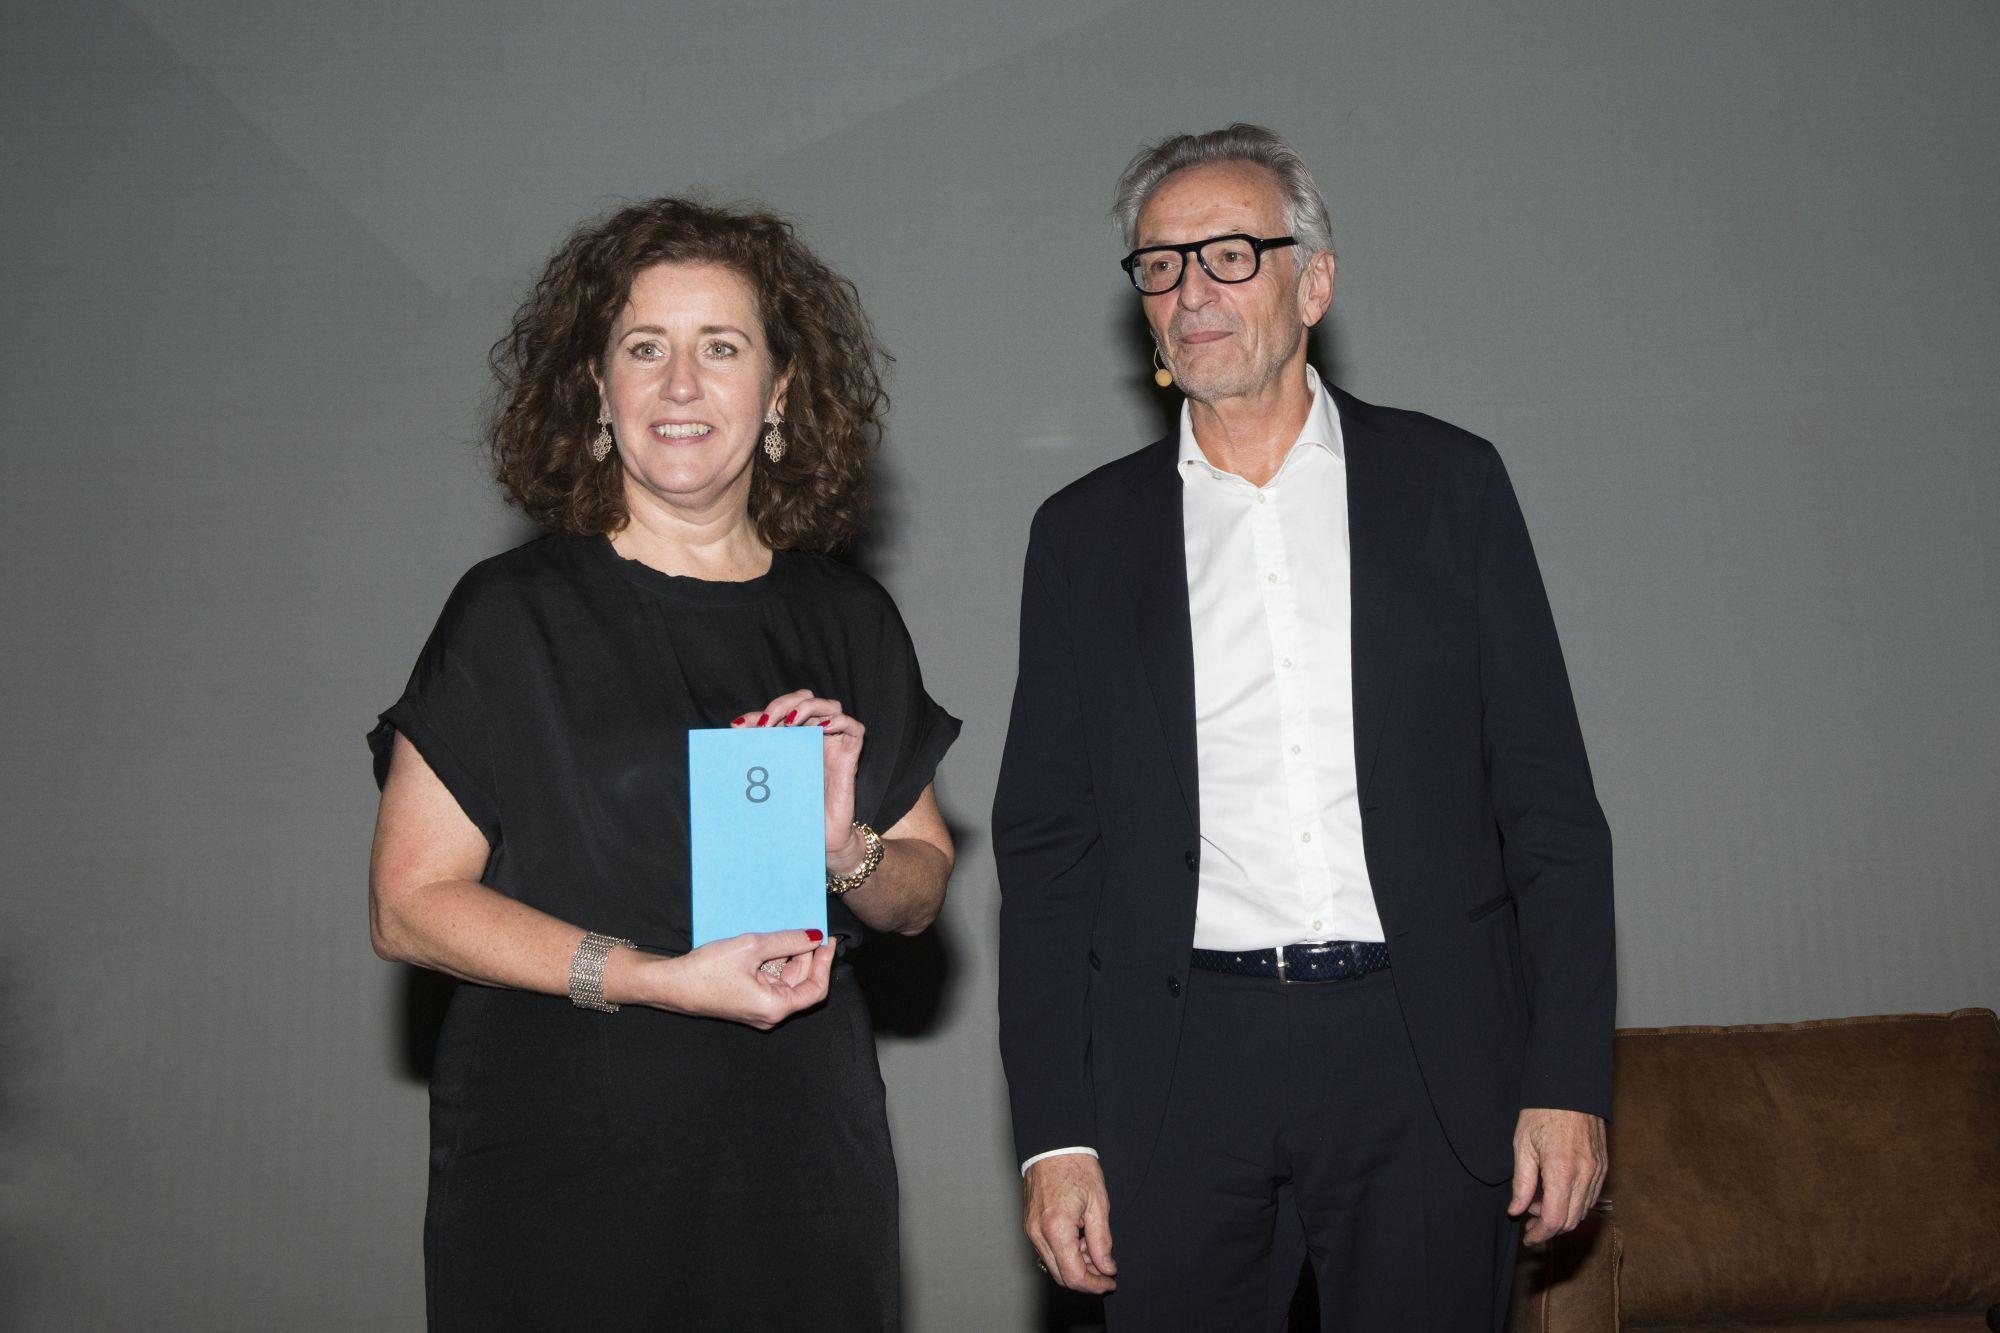 Conferentie GCC 2019 Ingrid Van Engelshoven en Jo houben